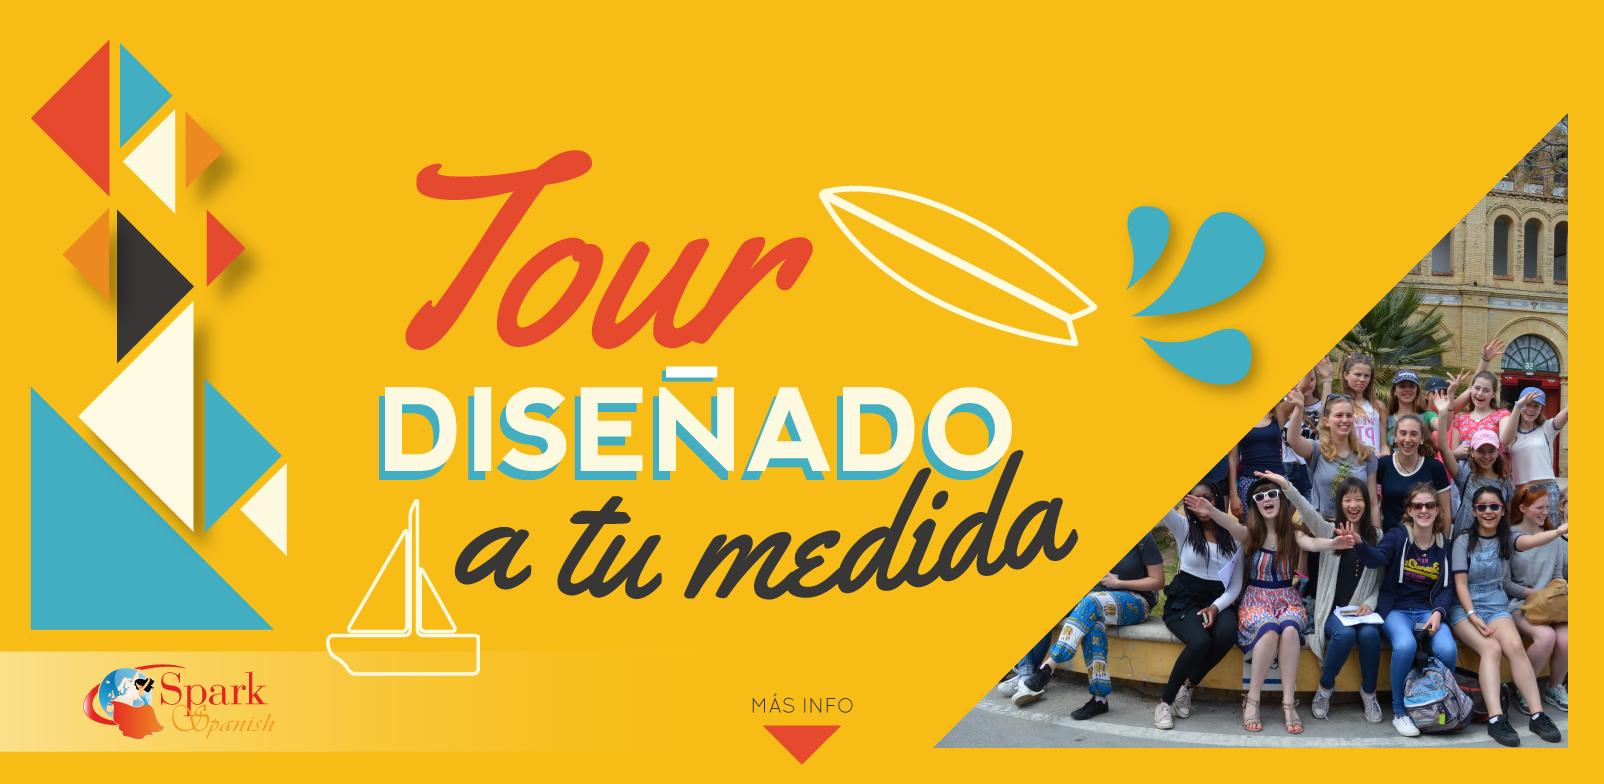 Tour diseñado a tu manera